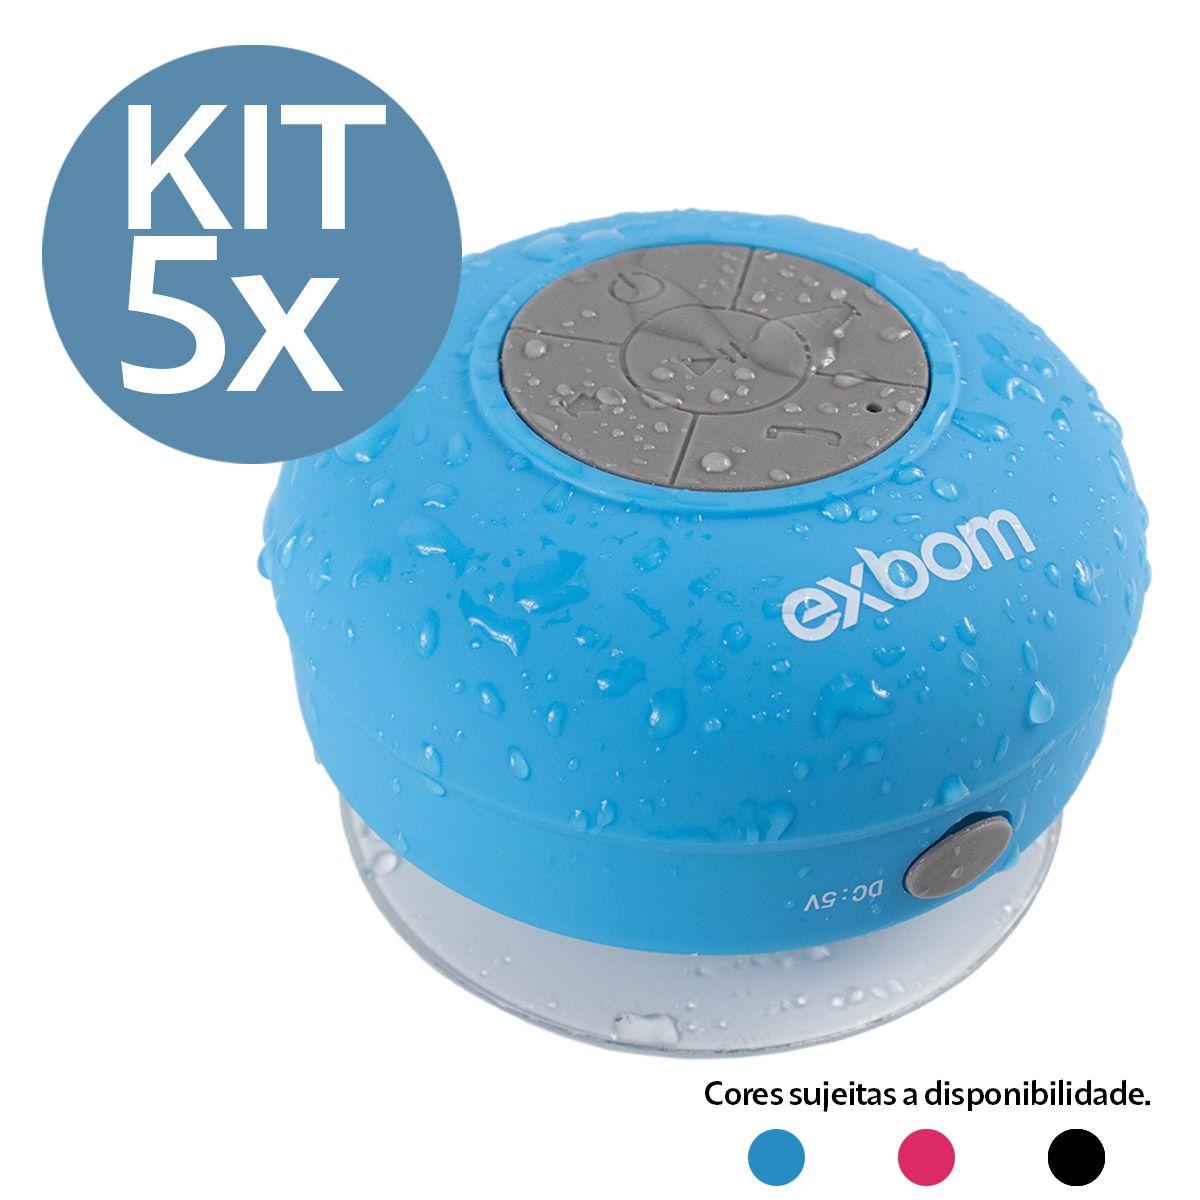 KIT 5x Caixa de Som Bluetooth Portátil à Prova D'água Exbom CS-A6BT